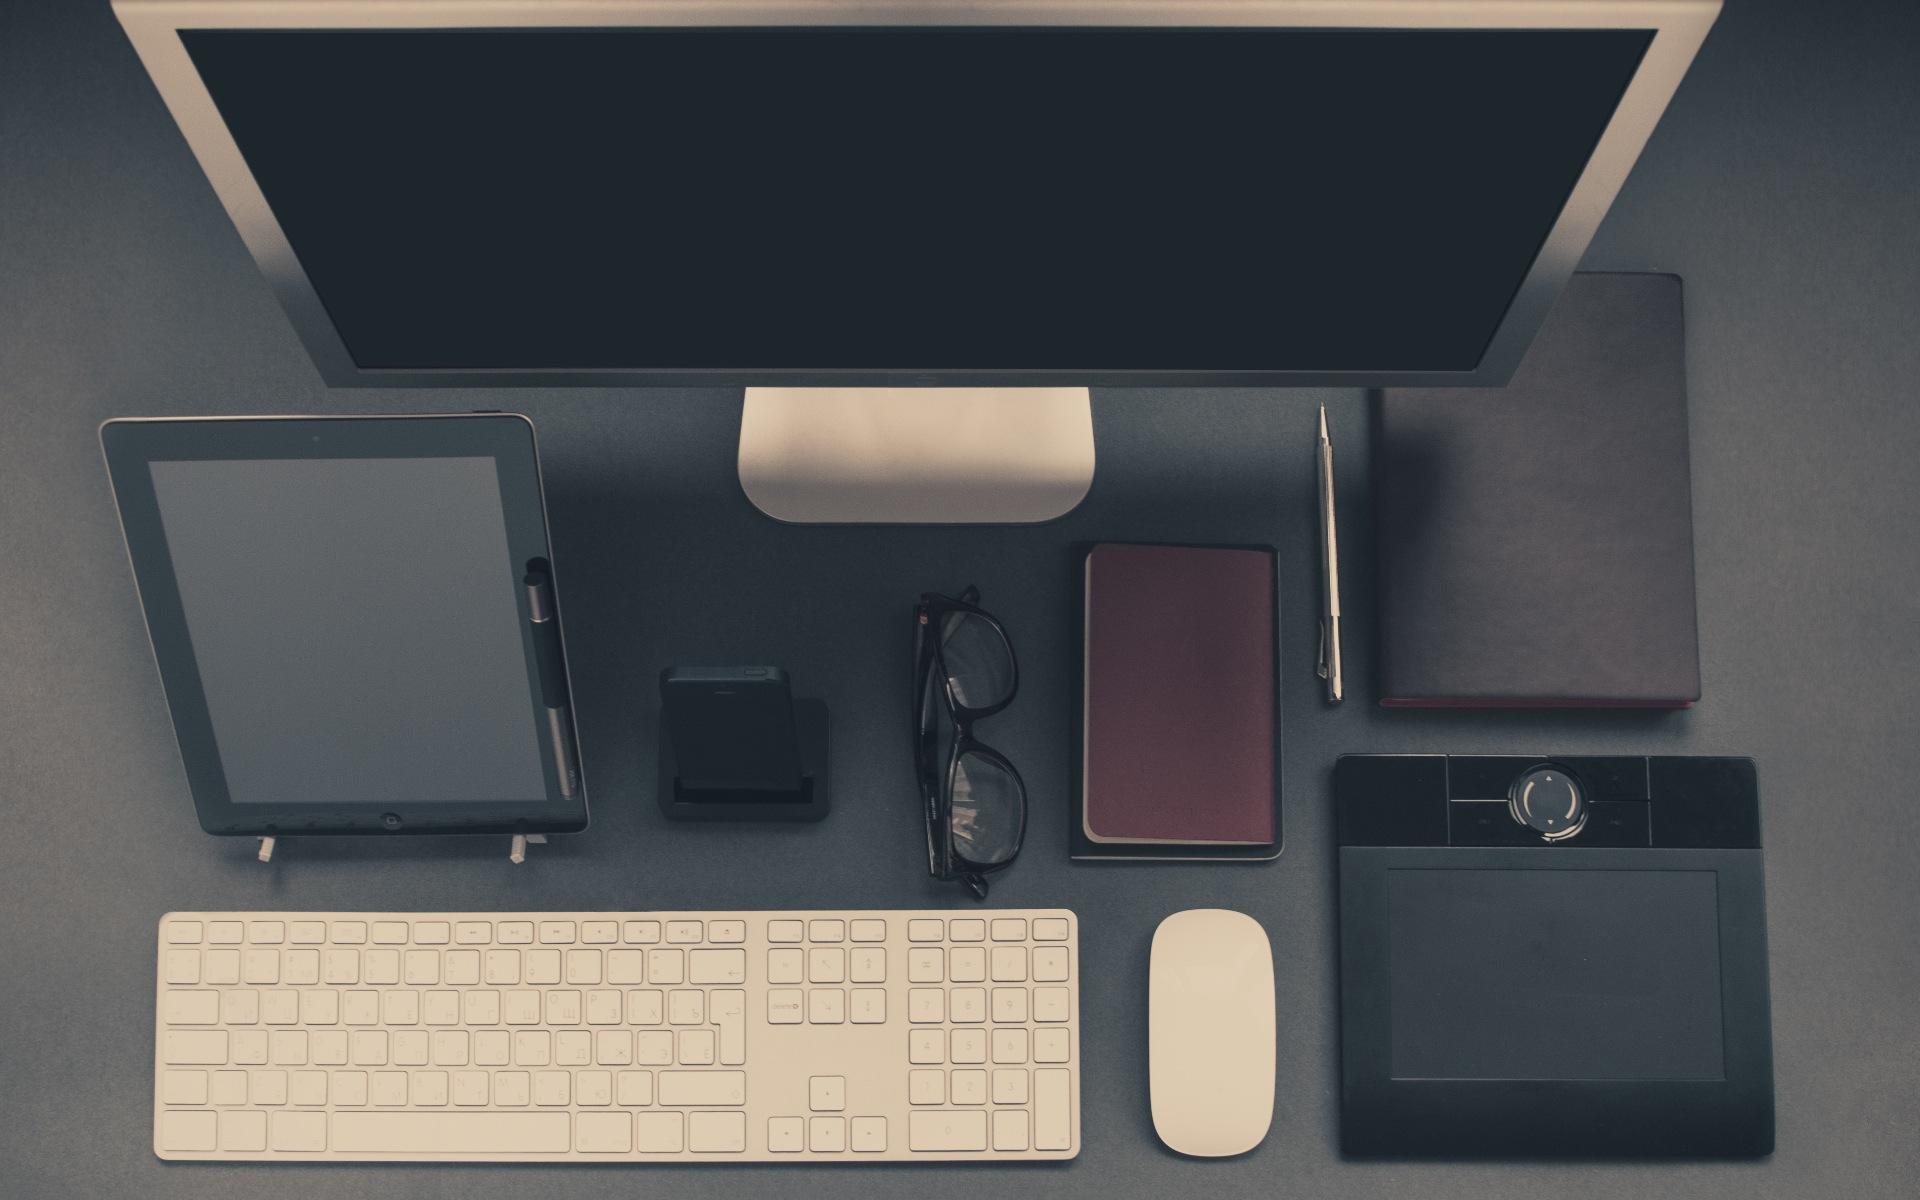 Επιφάνεια εργασίας, Γραφείο, υπολογιστή, Mac, Δισκίο, iPad, iPhone, πληκτρολόγιο, ποντίκι - Wallpapers HD - Professor-falken.com